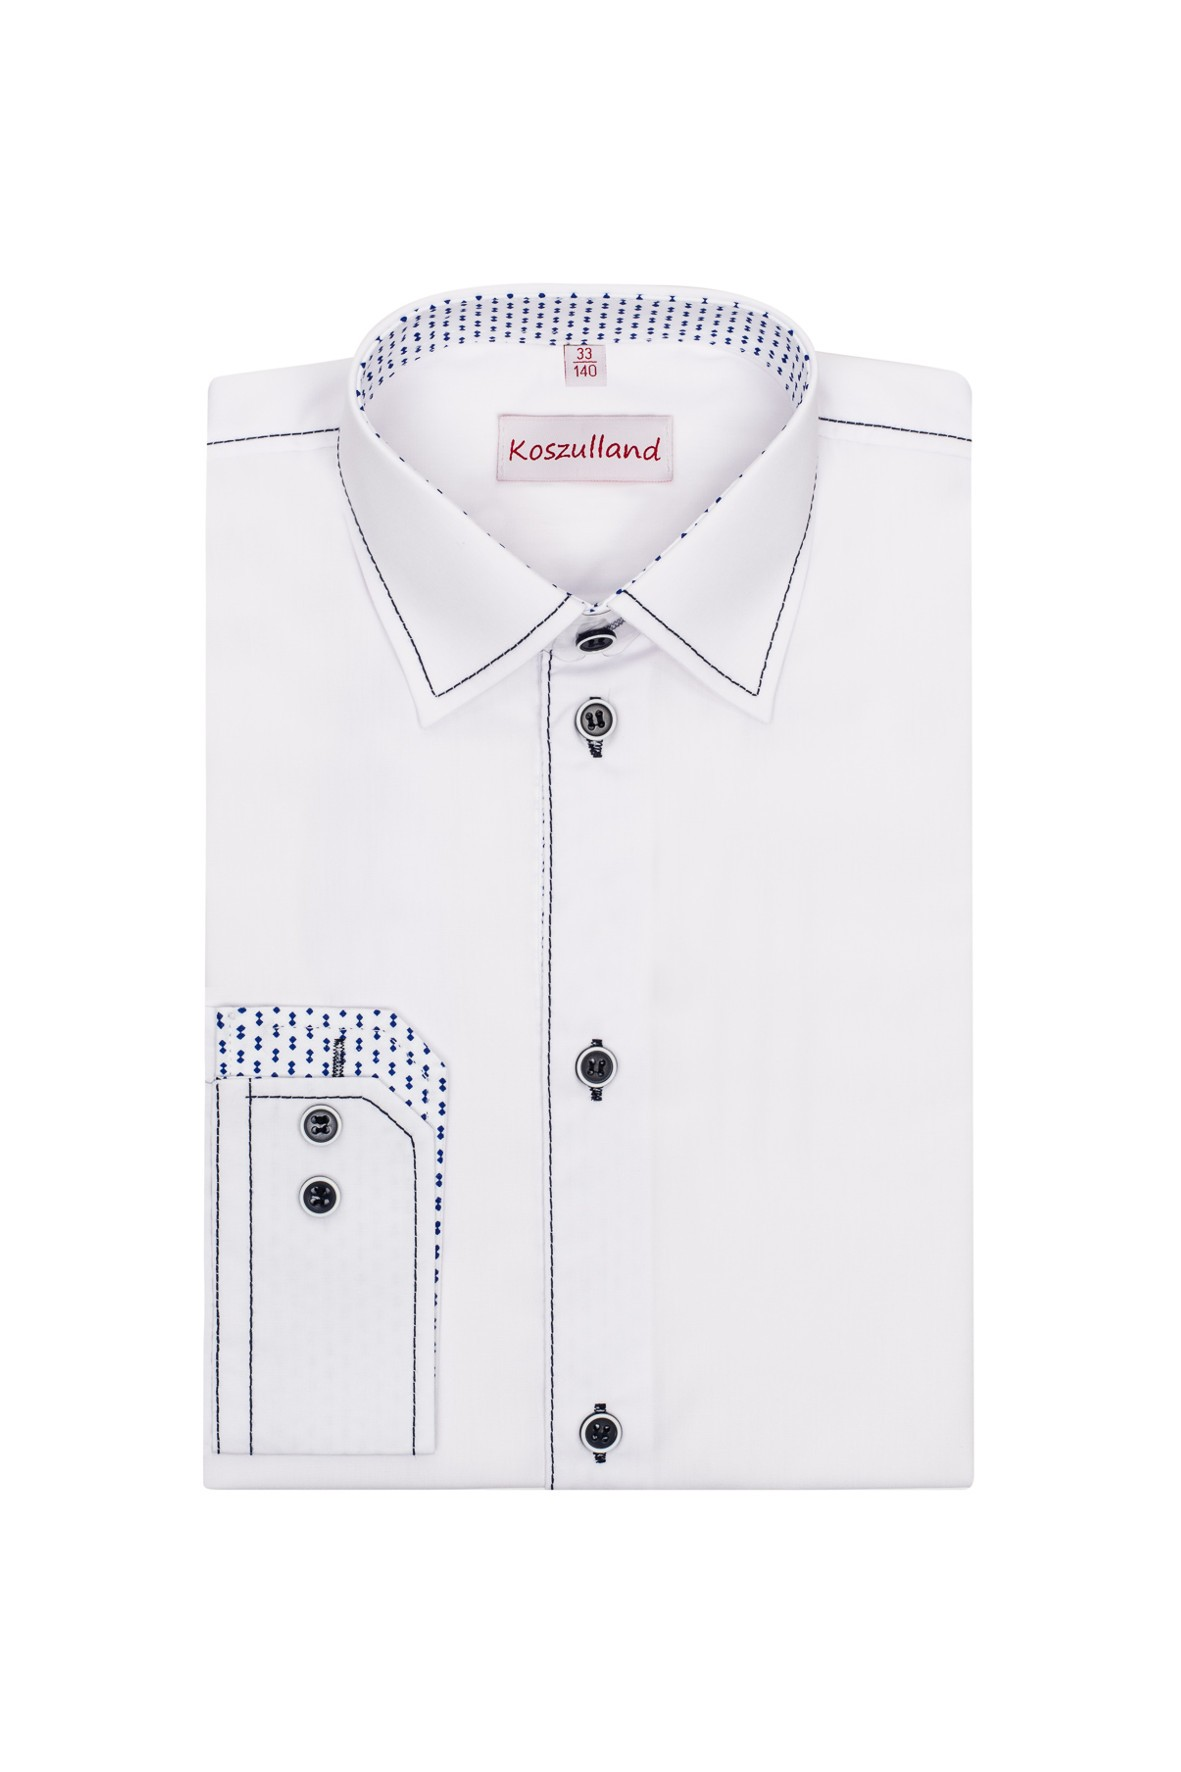 Koszula biała z granatowymi przeszyciami- długi rękaw